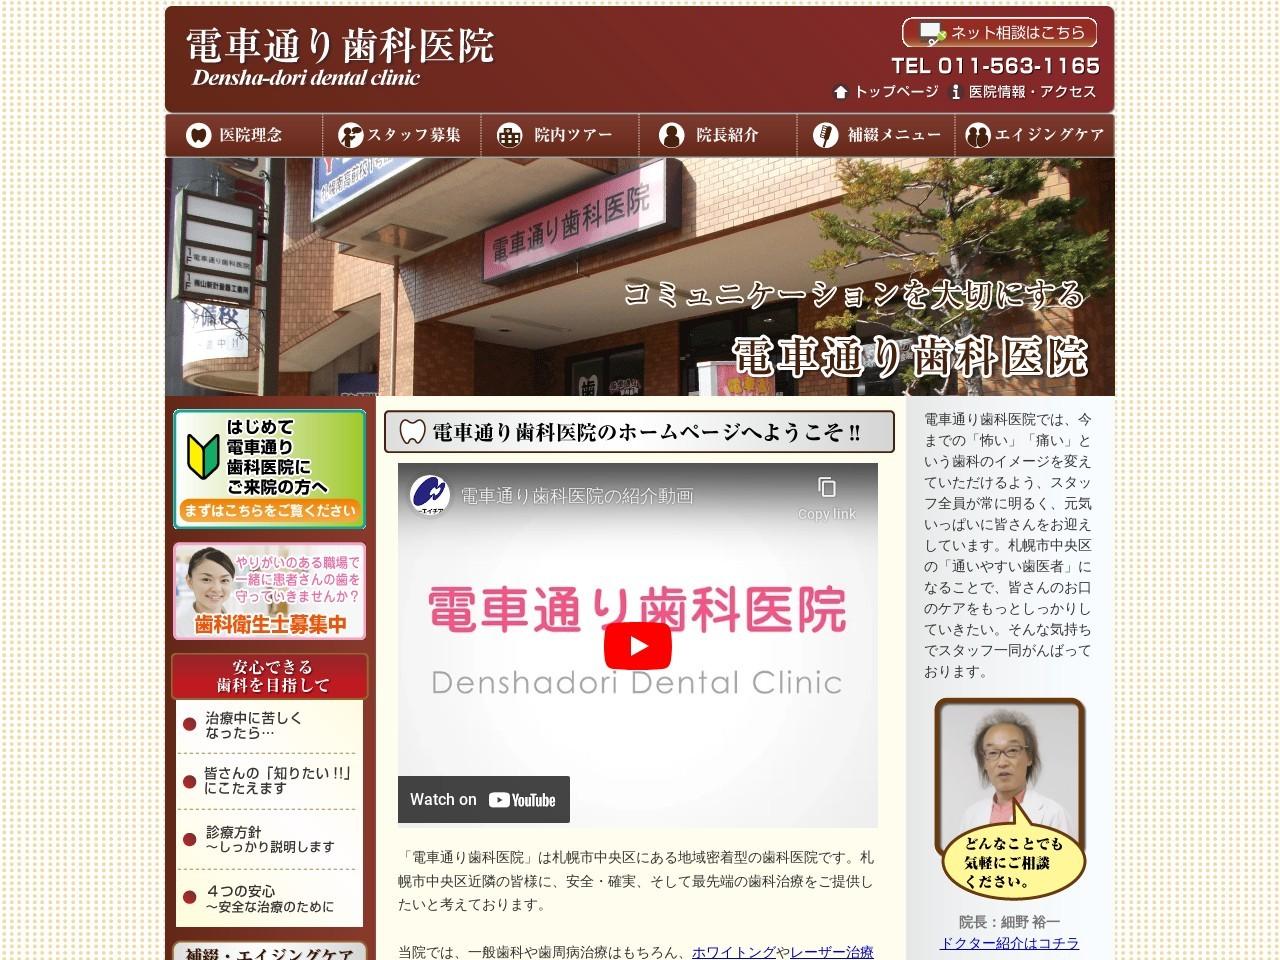 電車通り歯科医院 (北海道札幌市中央区)